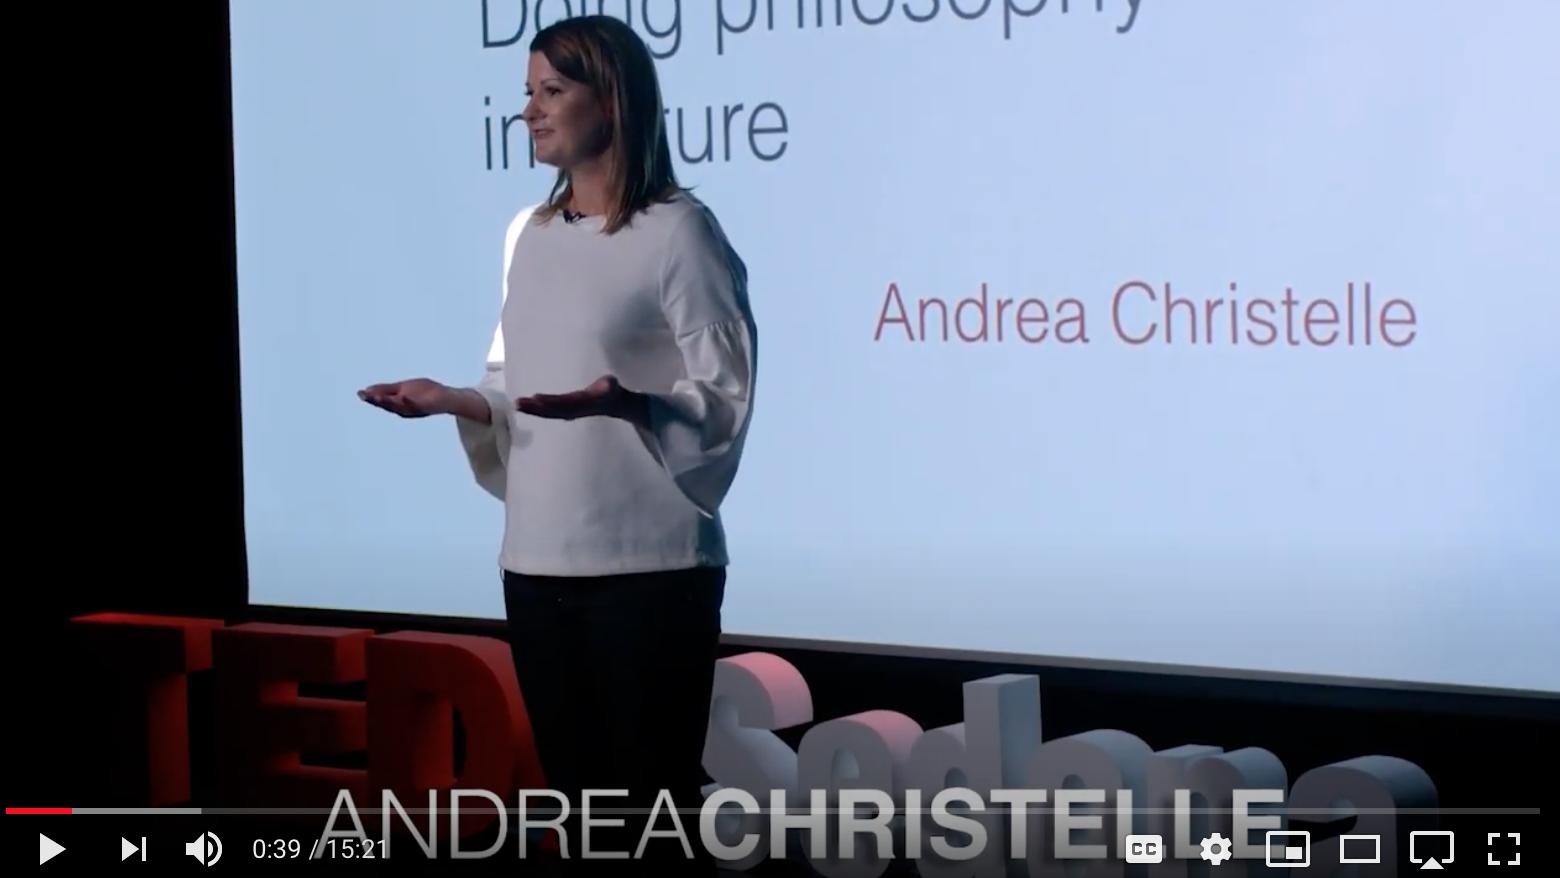 Andrea Christelle